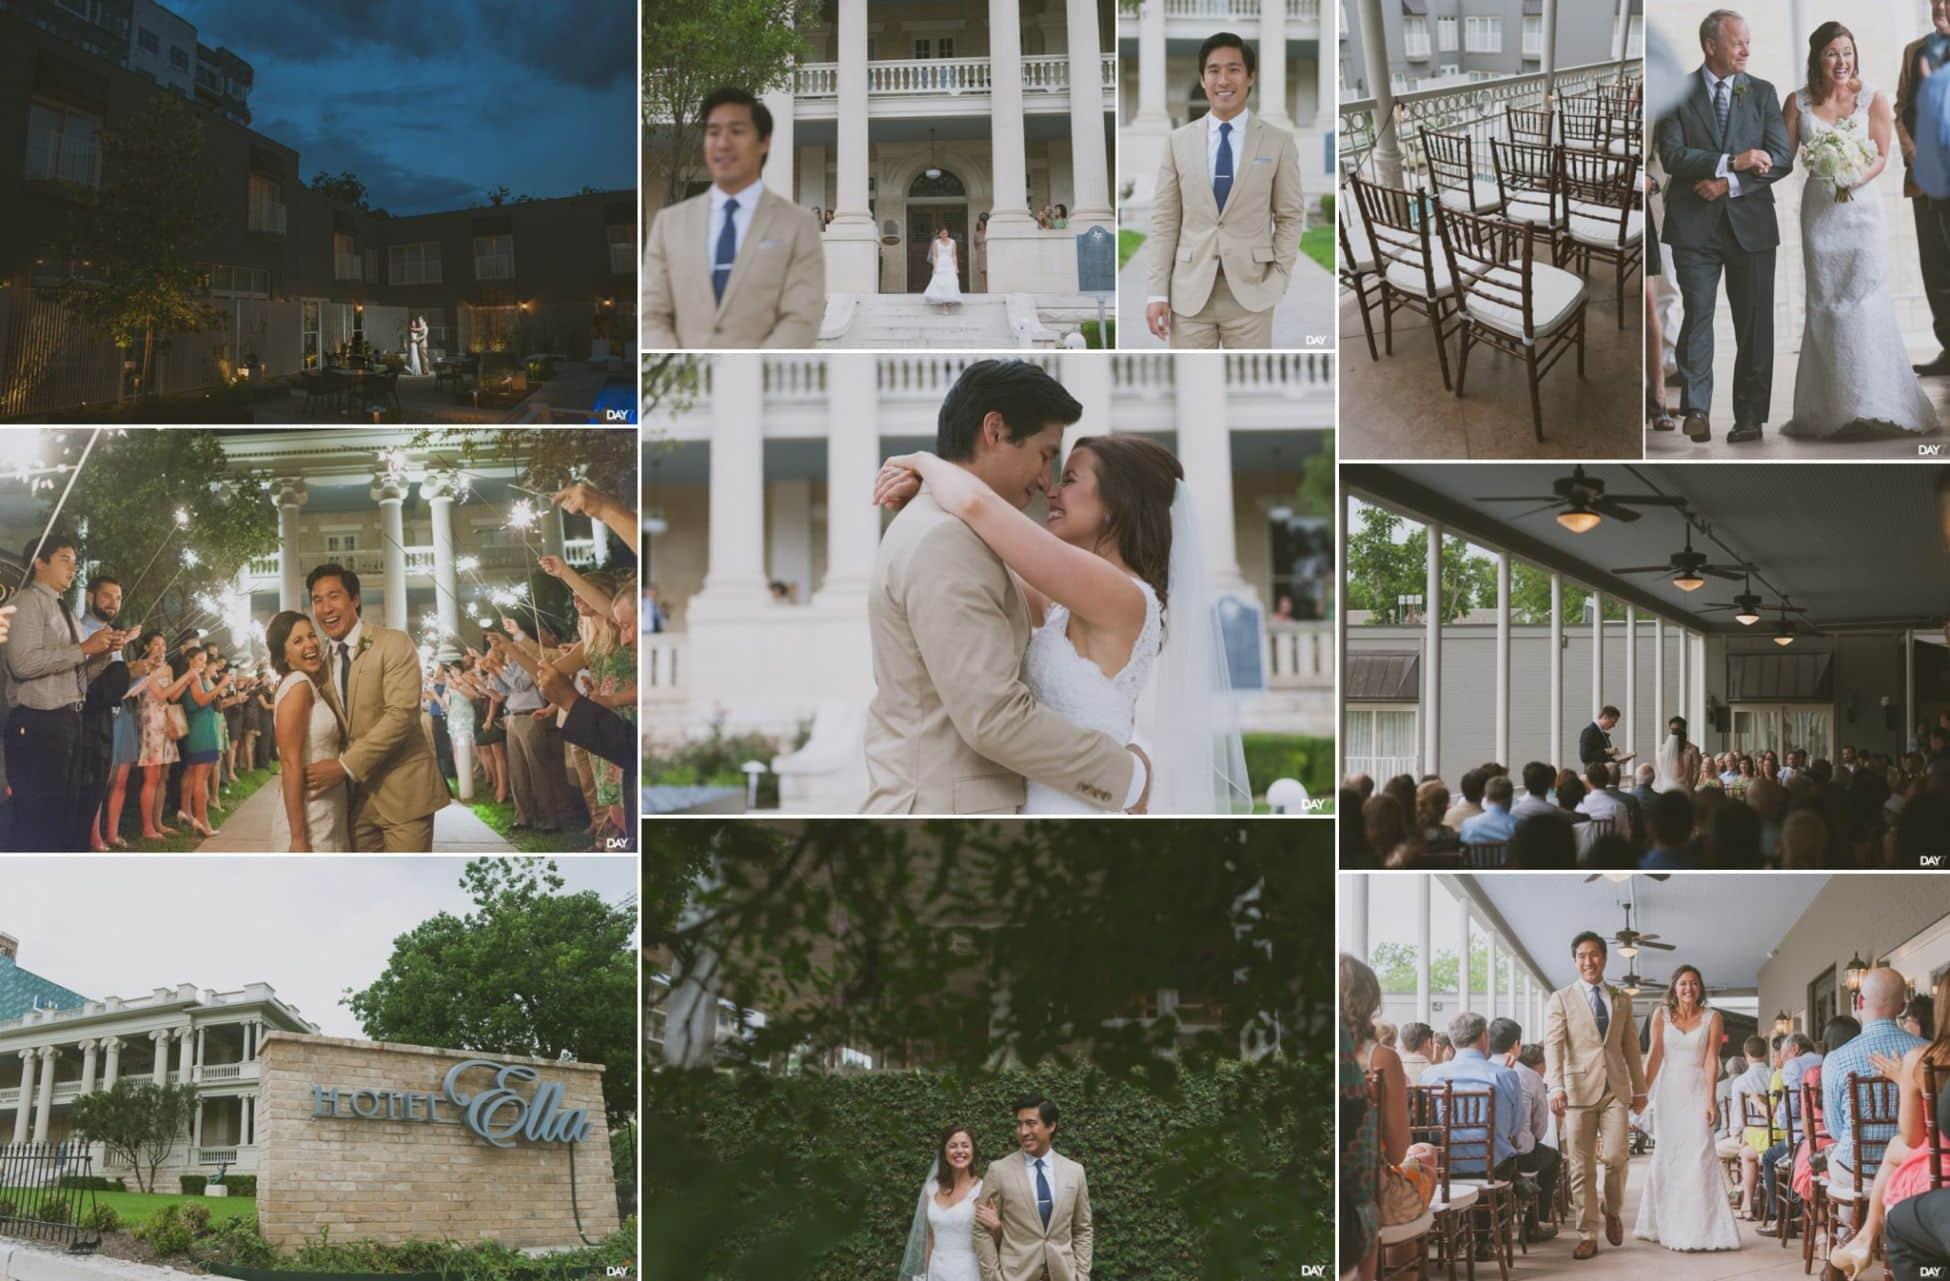 Hotel-Ella-Wedding-by-Day-7-Photography